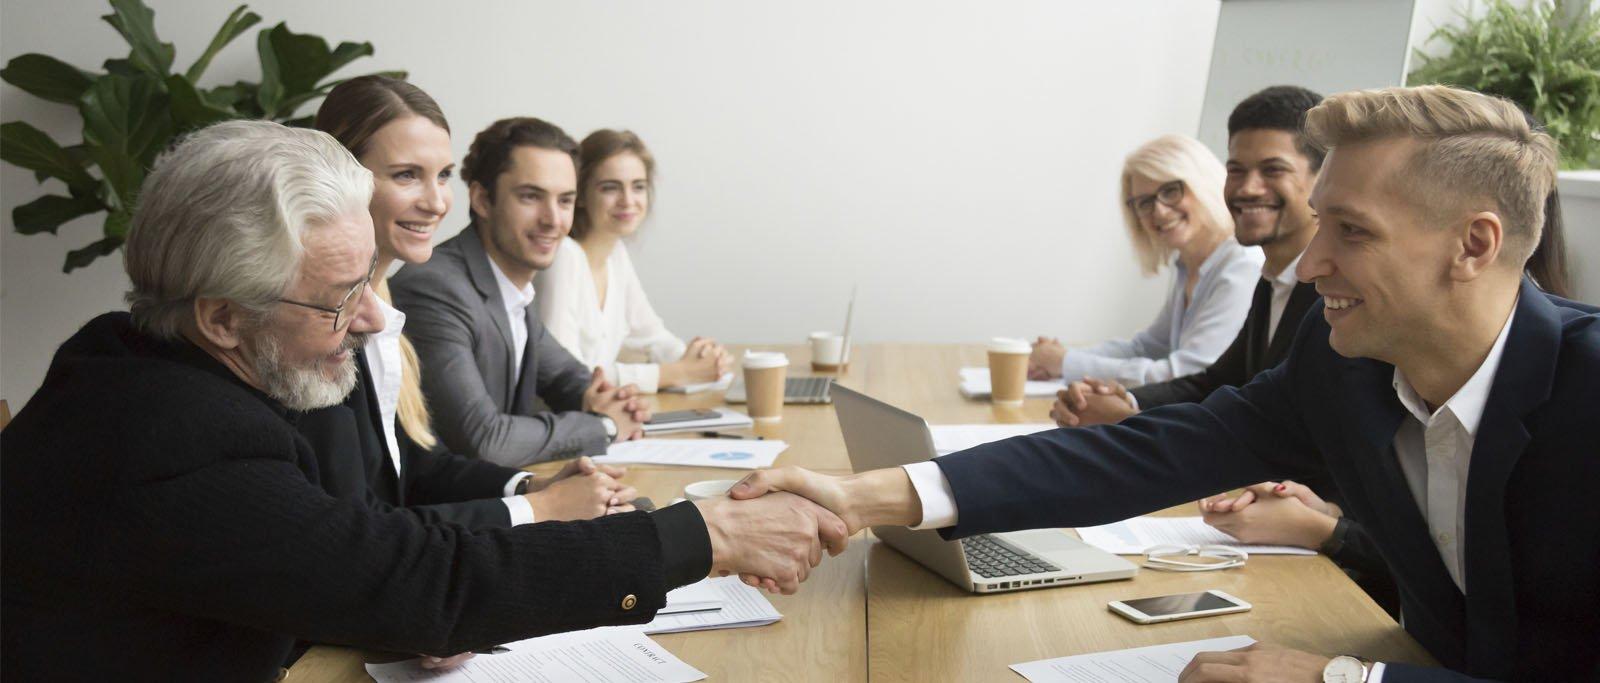 7 passos para construir o seu funil de vendas B2B